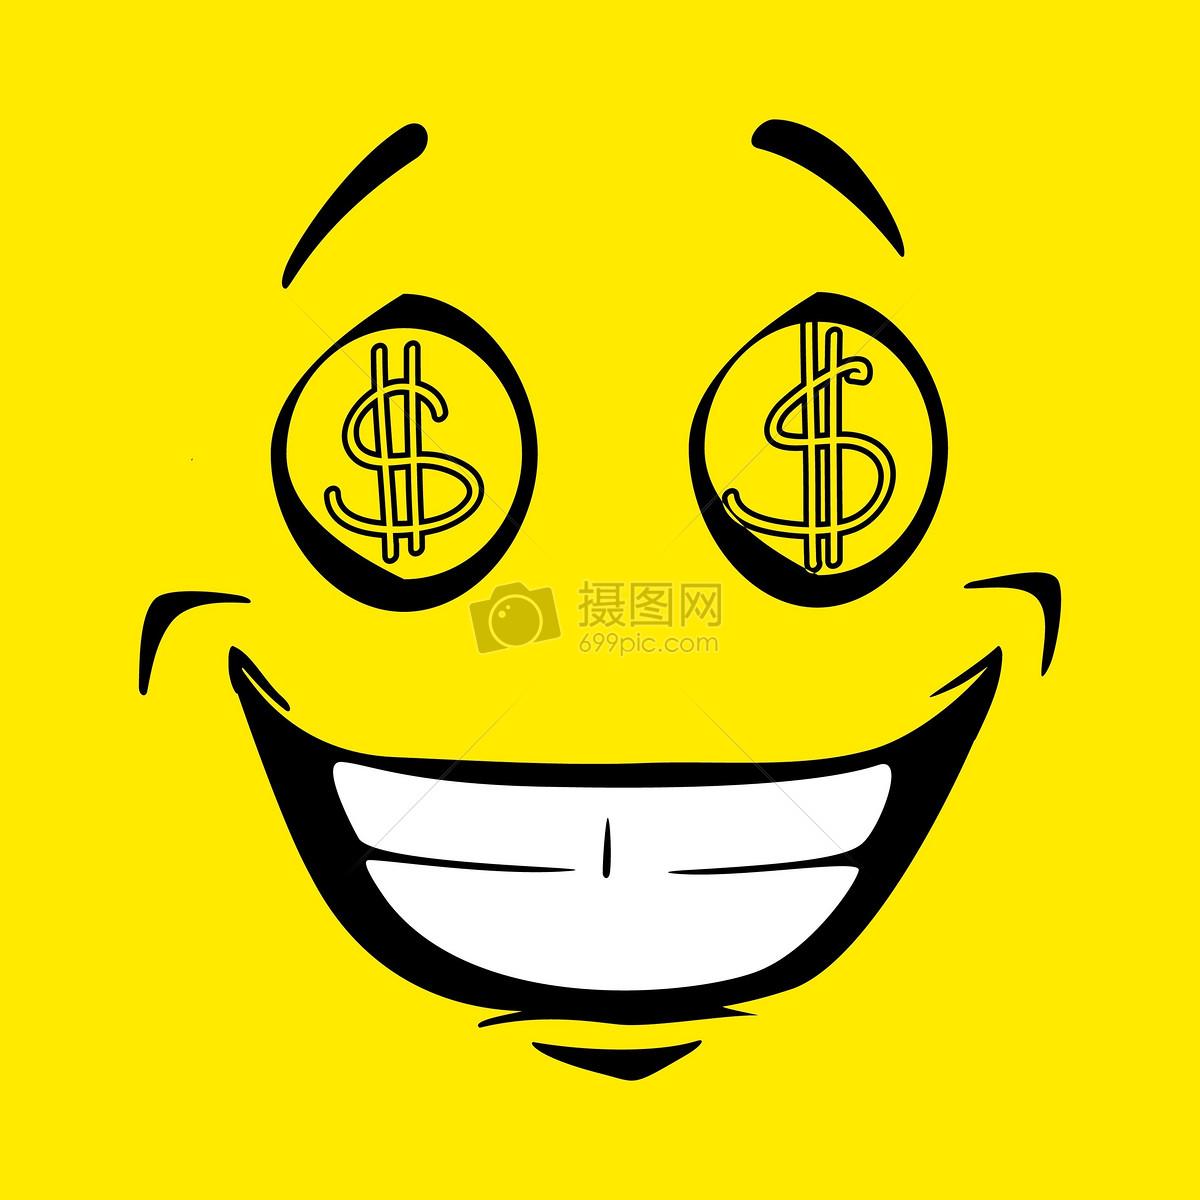 黄色手绘权志龙笑脸